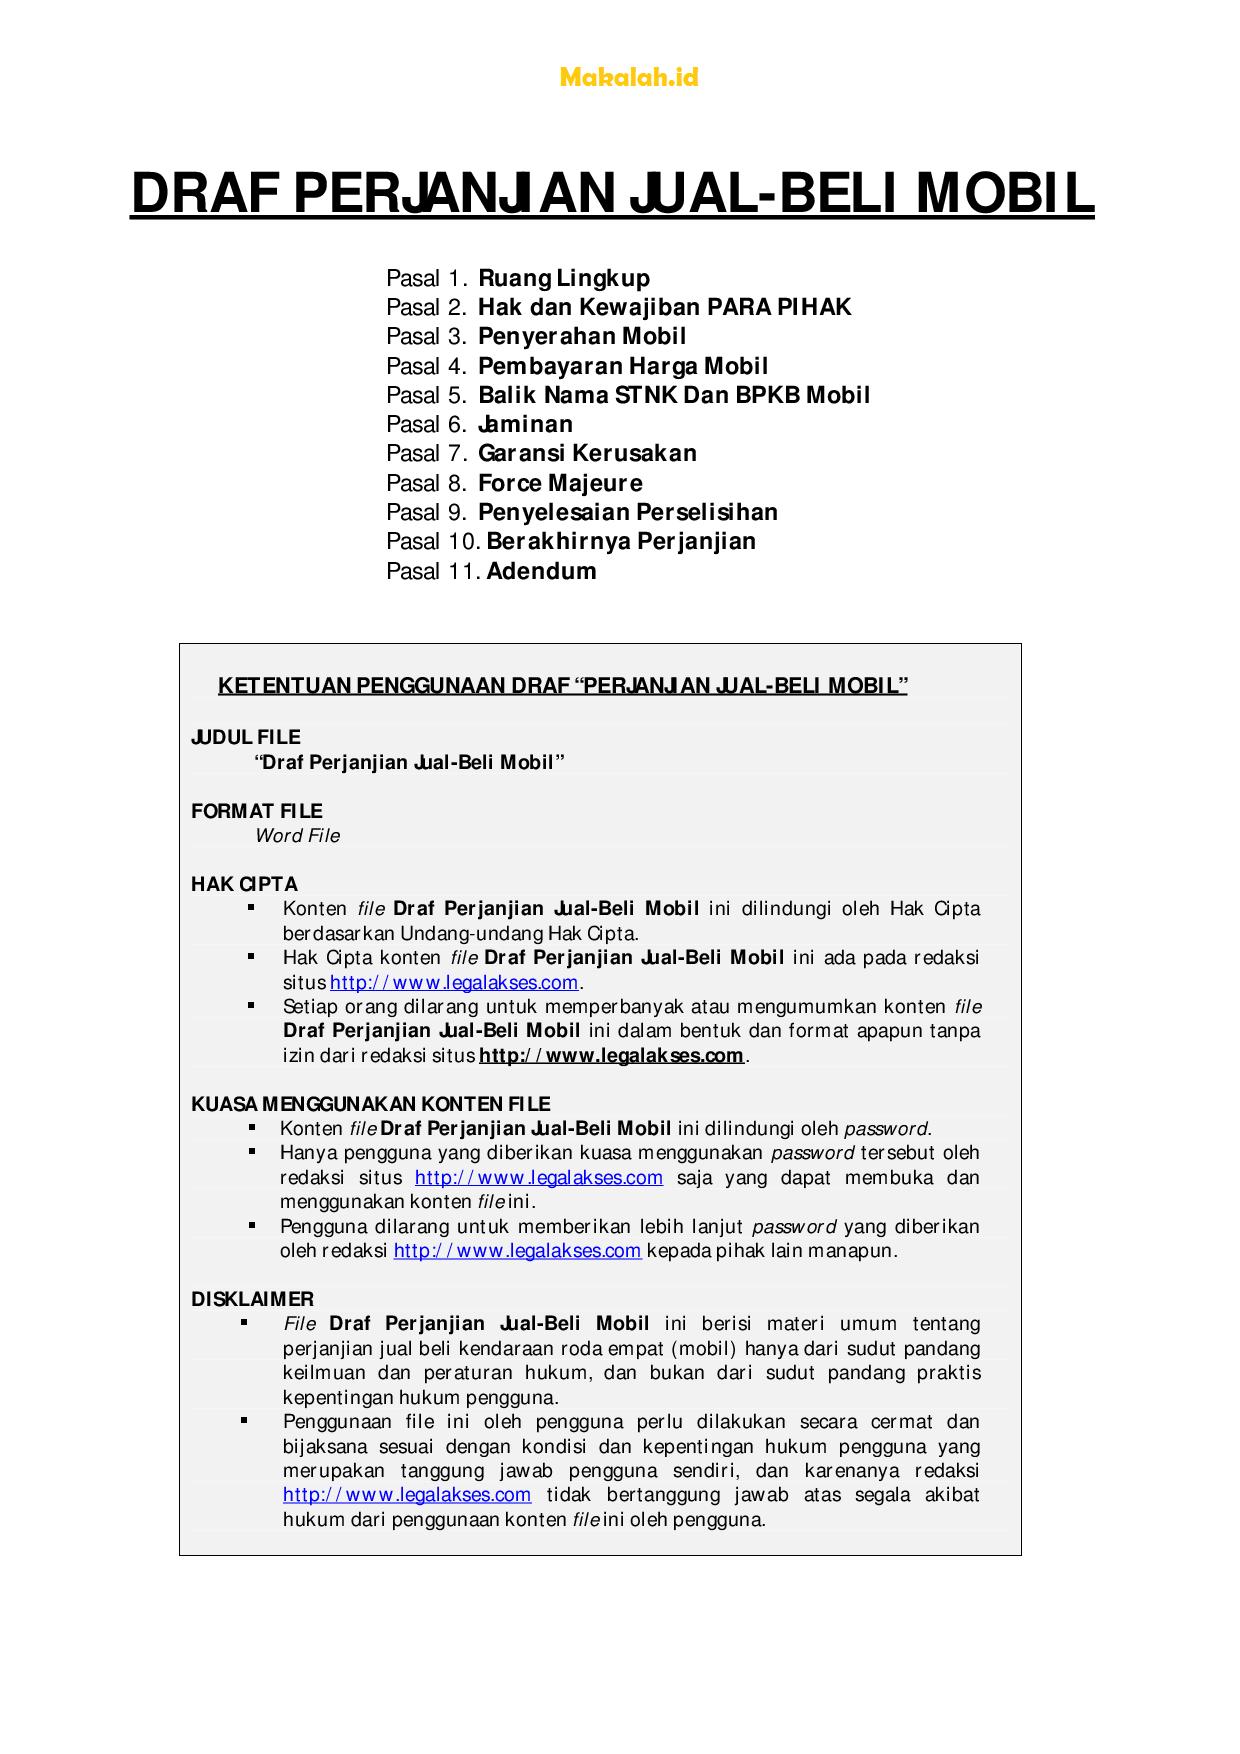 Pengertian Fungsi Dan Contoh Surat Jual Beli Mobil